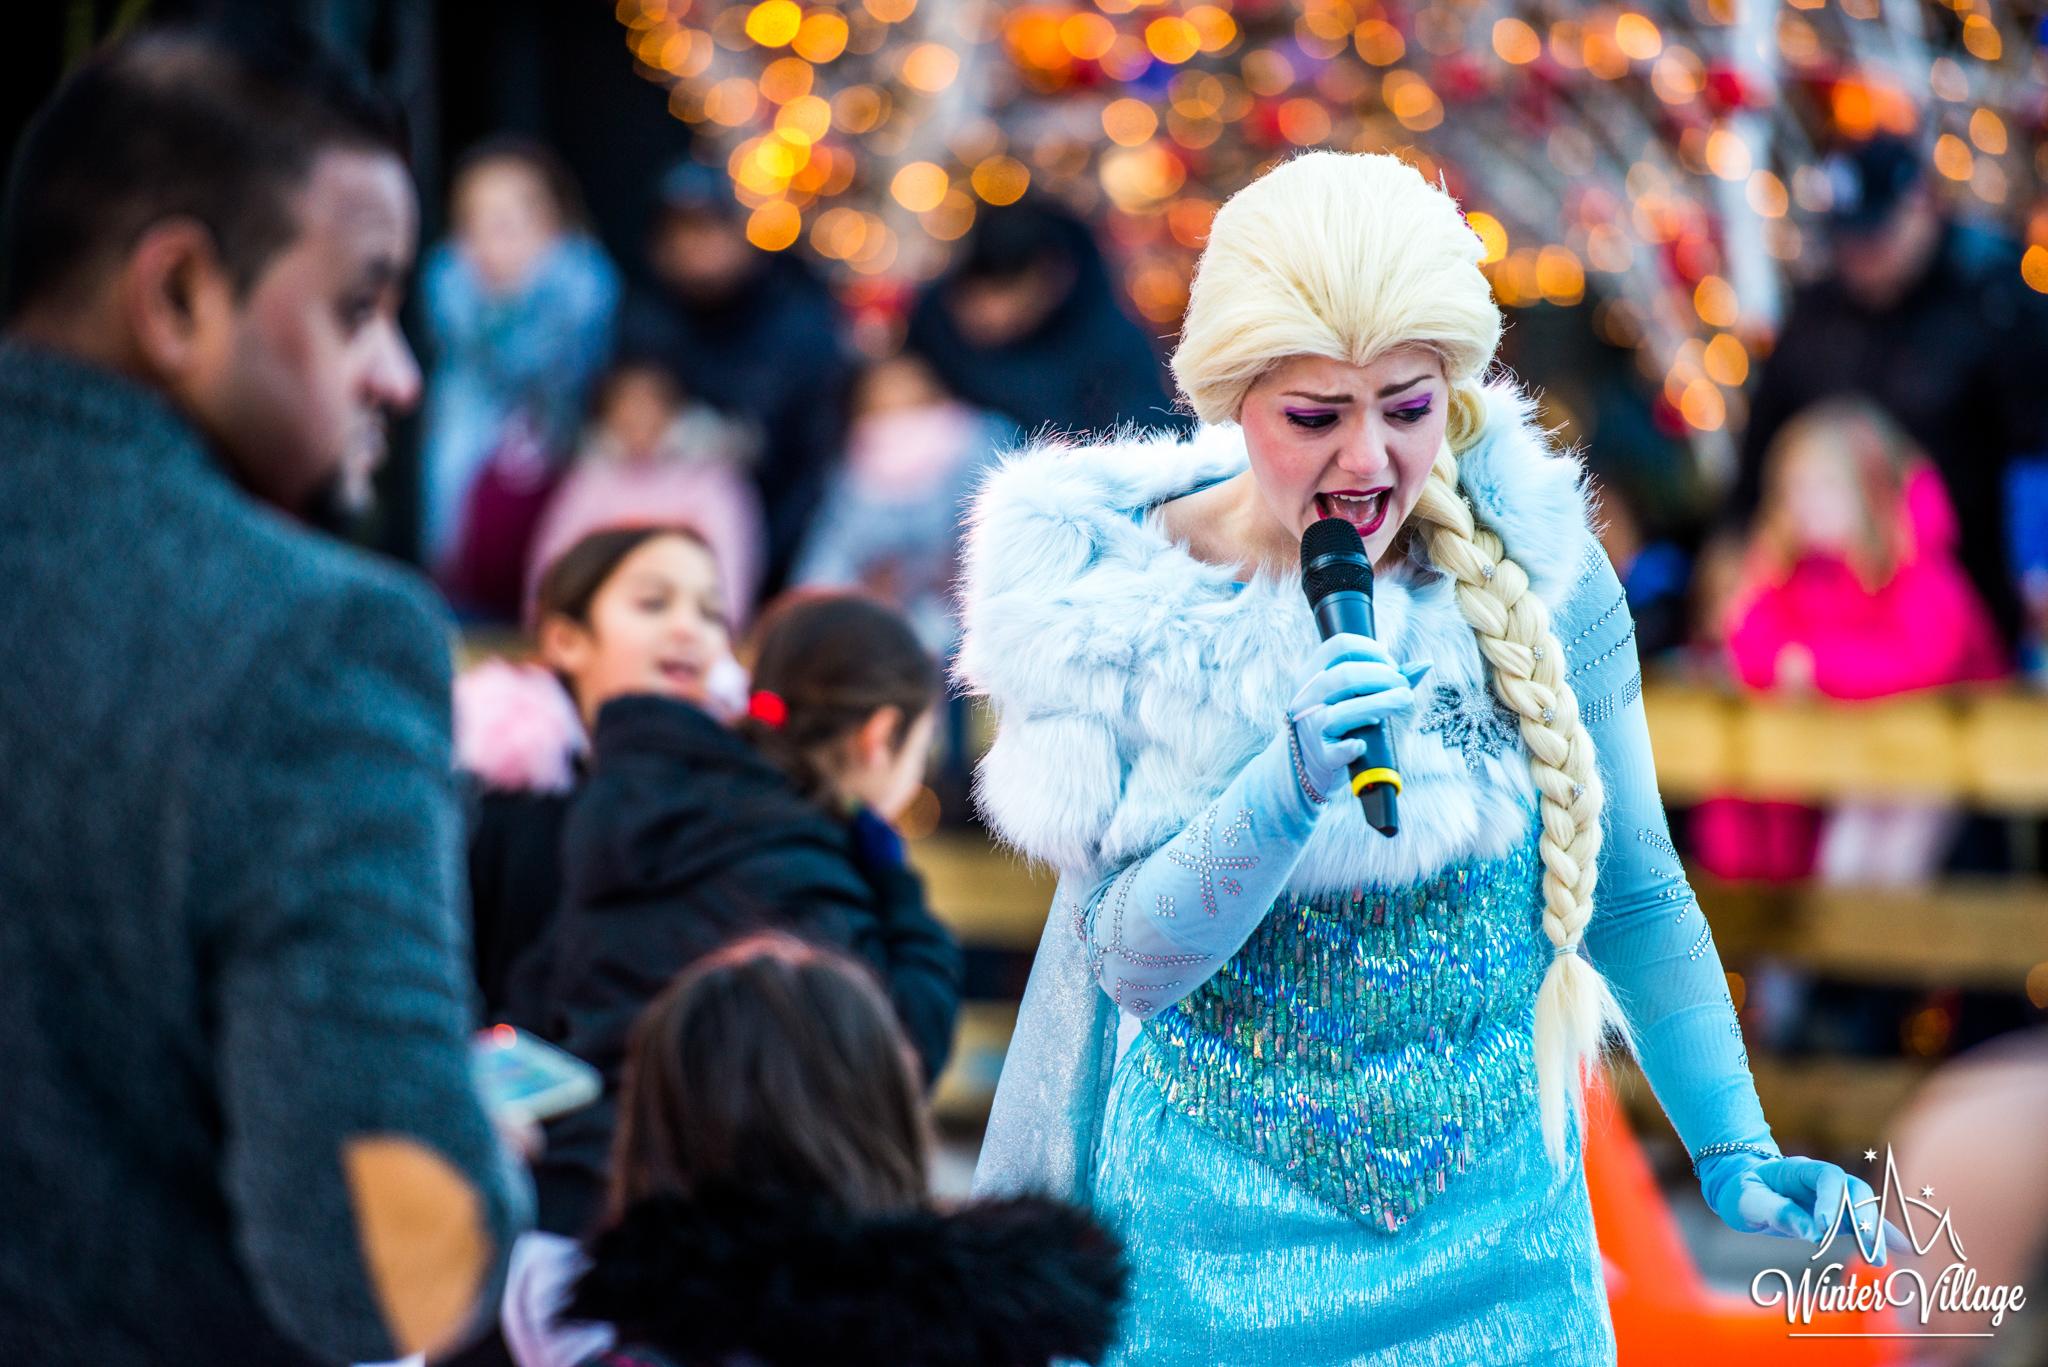 Optreden Zingende Ijskoningin Winter Village Almere